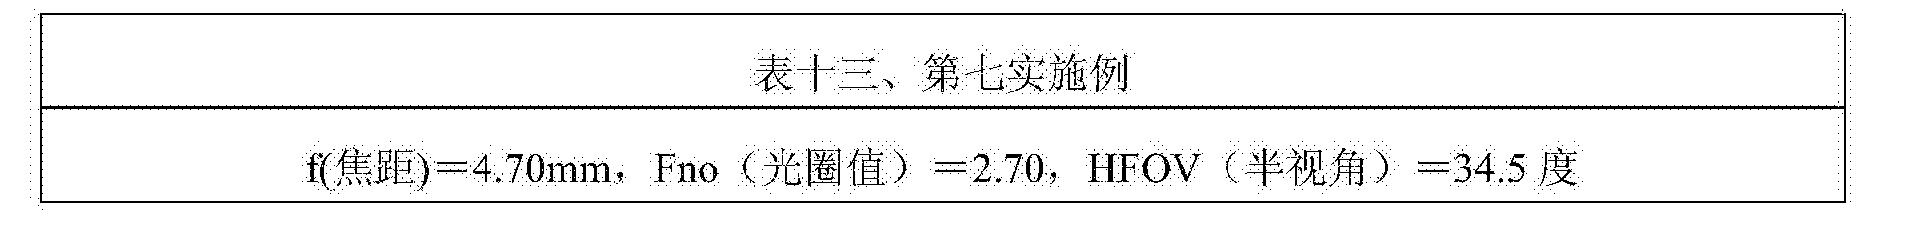 Figure CN104808316BD00282